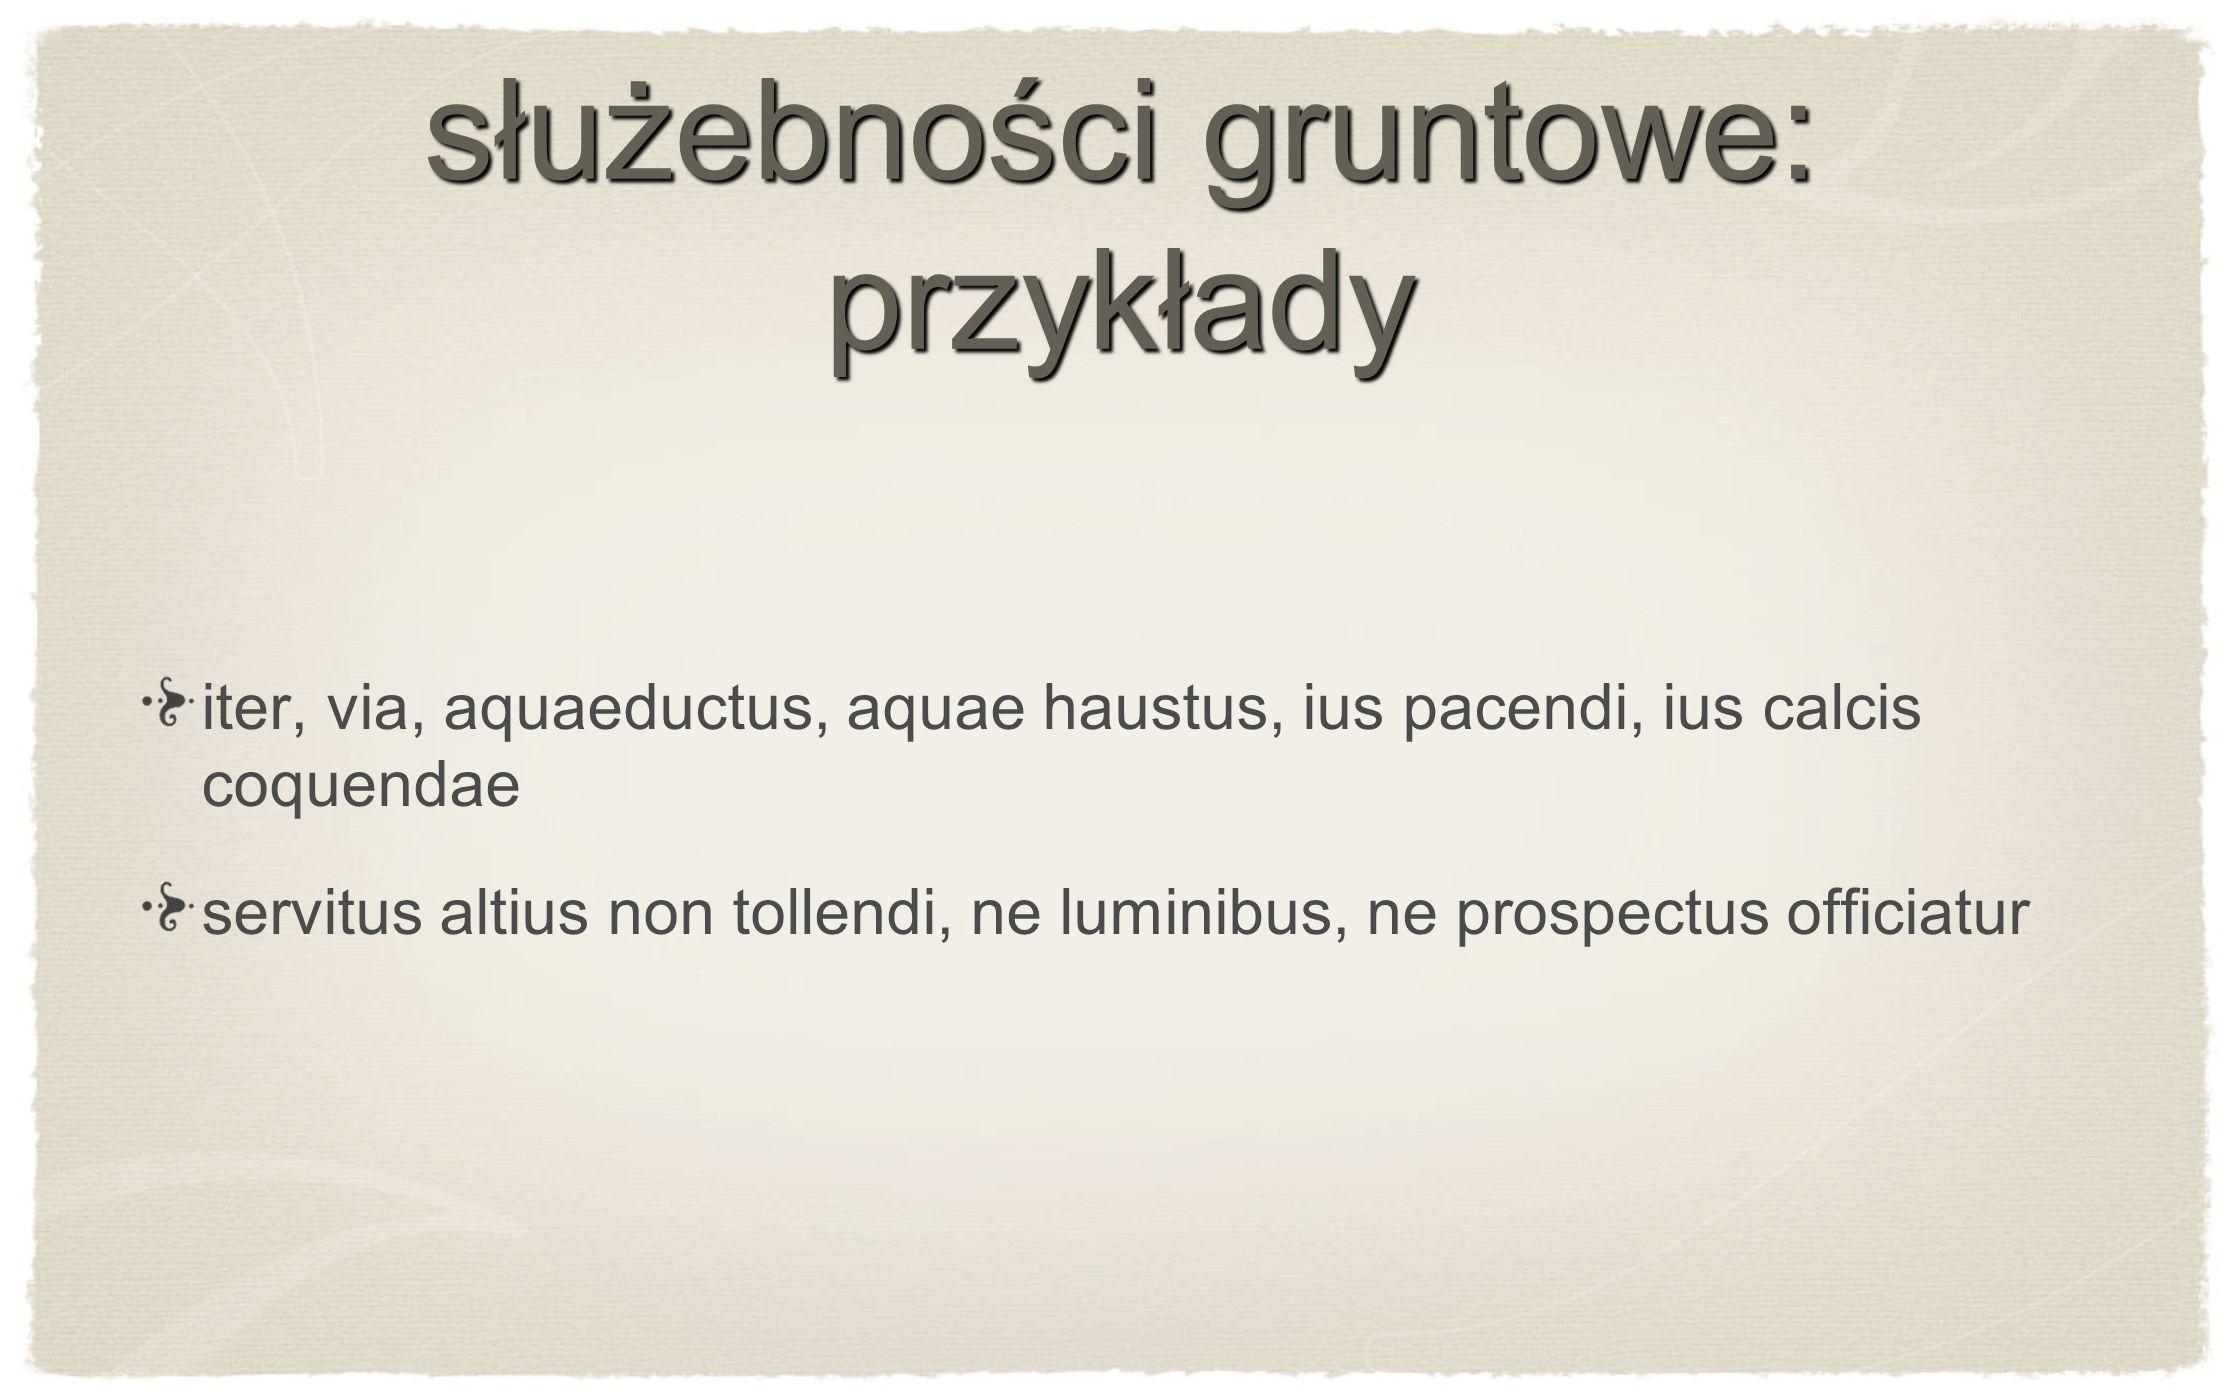 służebności gruntowe: przykłady iter, via, aquaeductus, aquae haustus, ius pacendi, ius calcis coquendae servitus altius non tollendi, ne luminibus, n